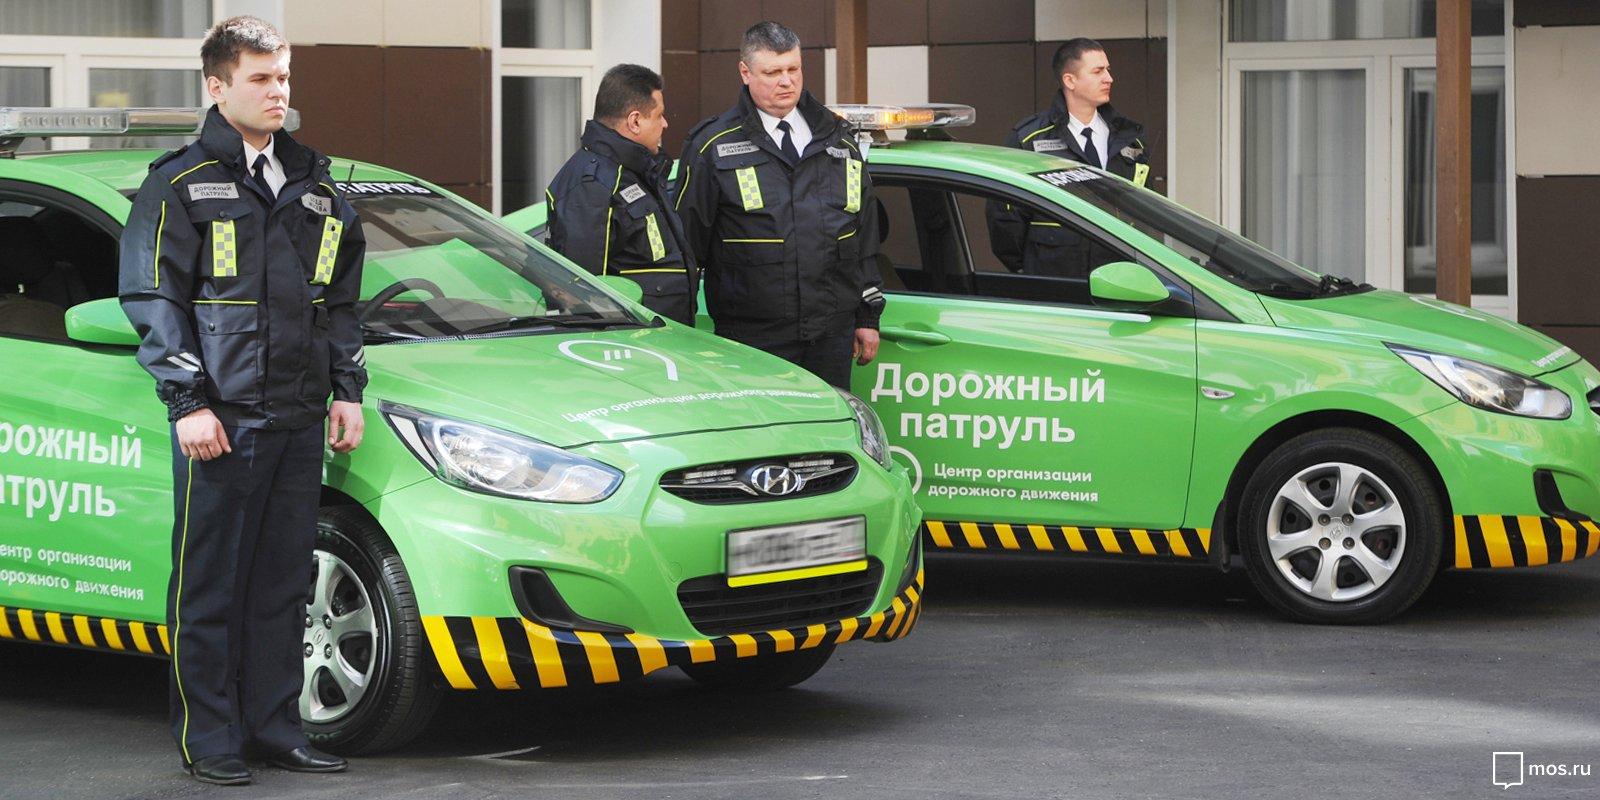 Жители Молжаниновского района согласовали схему дорожного движения в Новоподрезкове. Фото:  mos.ru